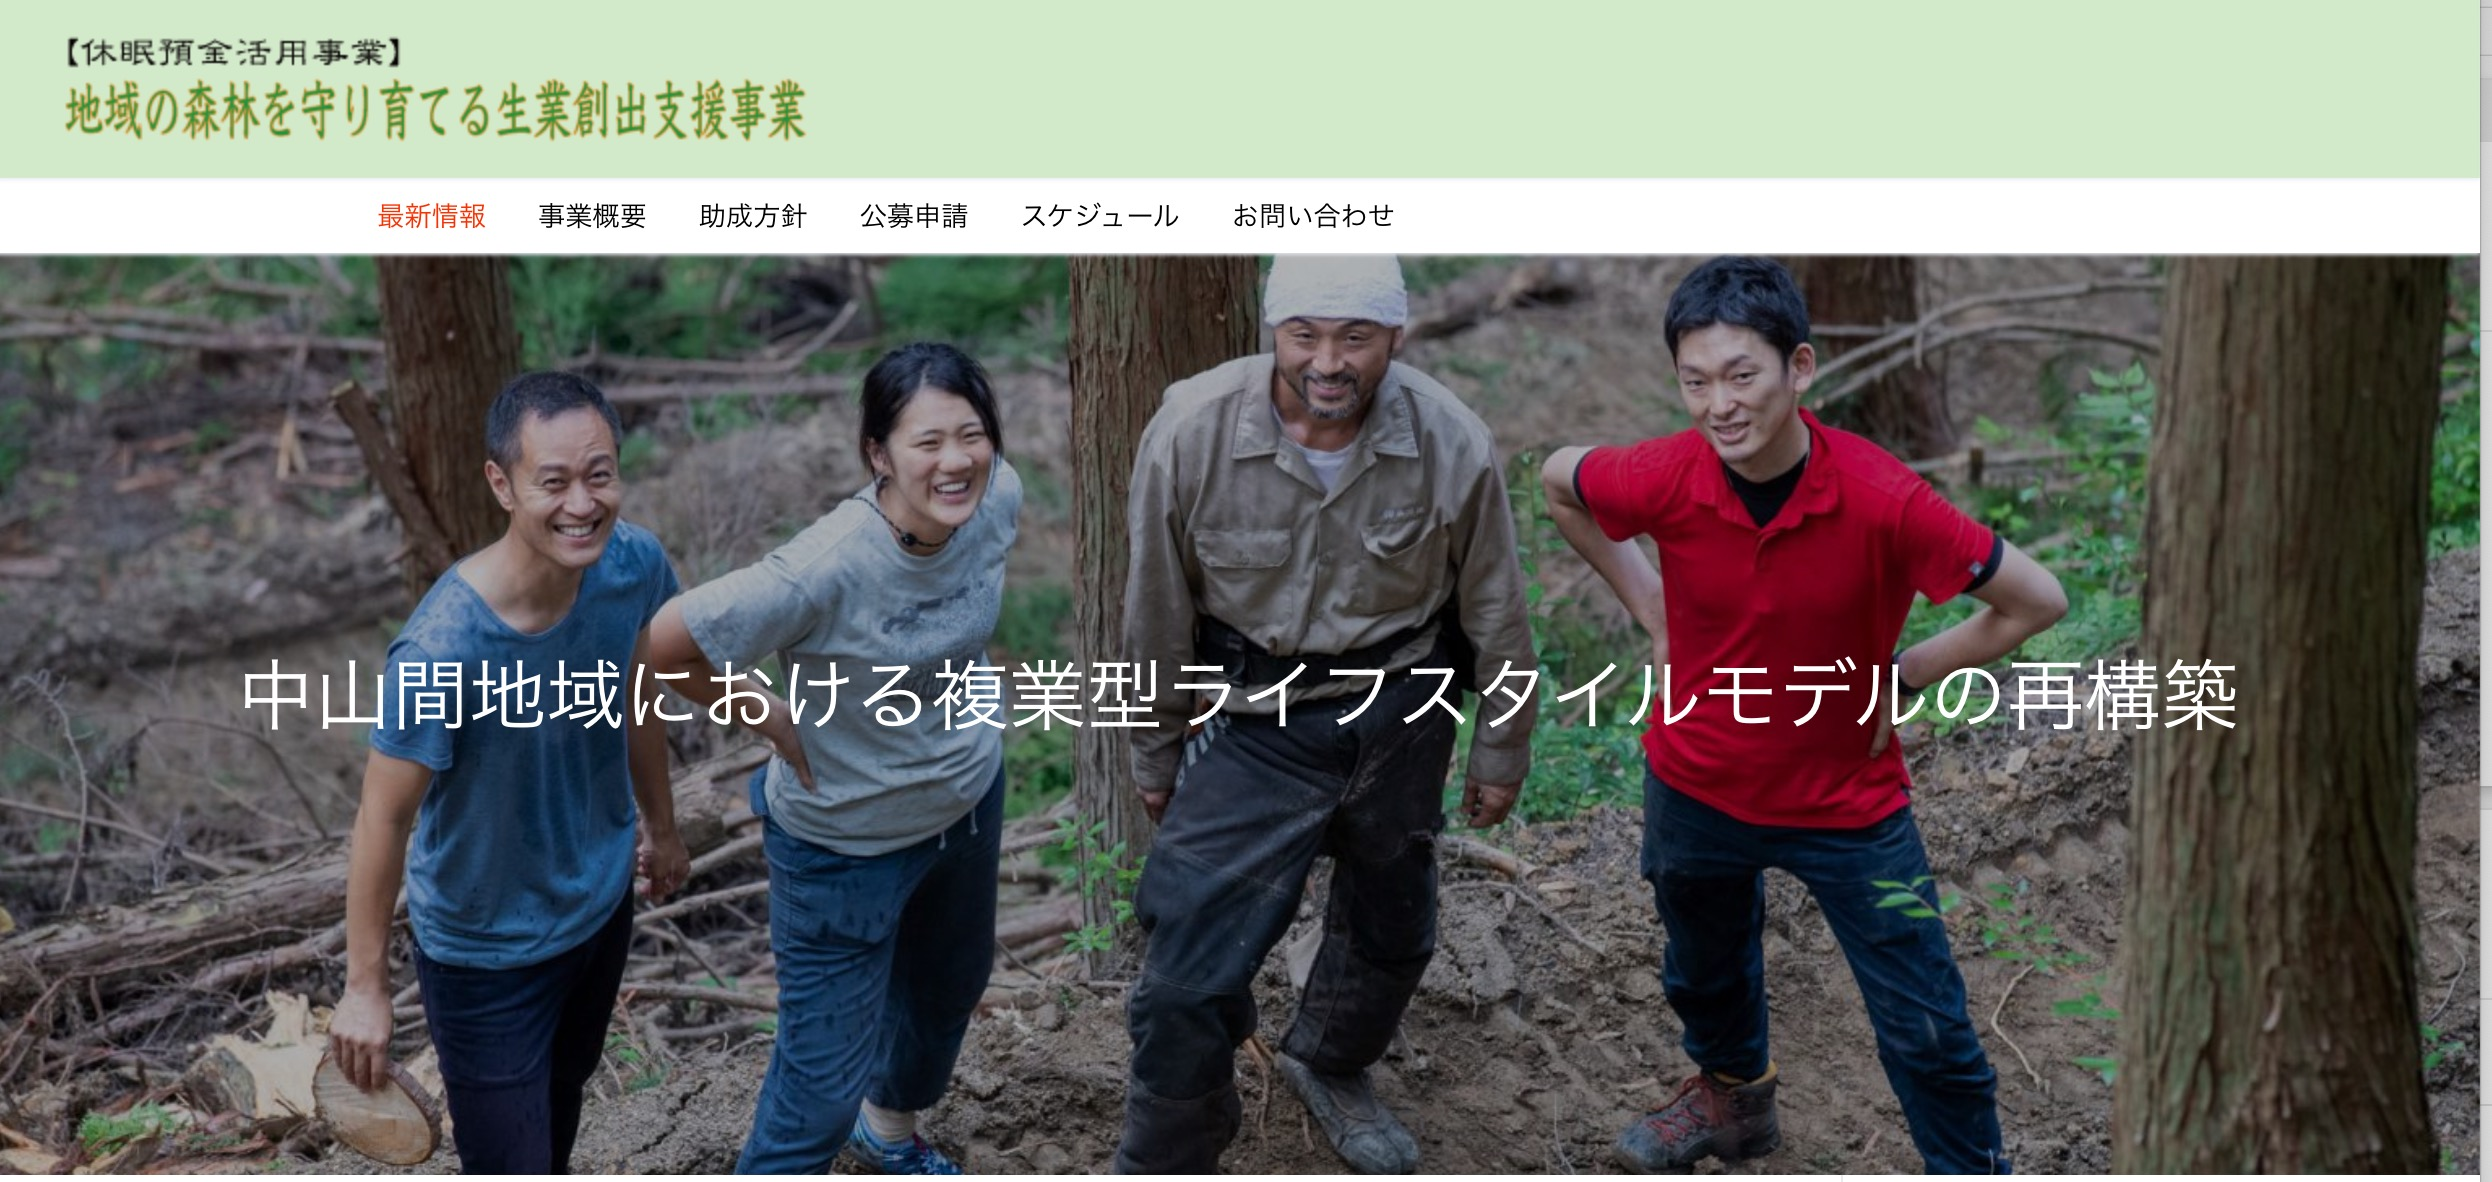 「地域の森林を守り育てる生業創出支援」の助成受付がスタートします